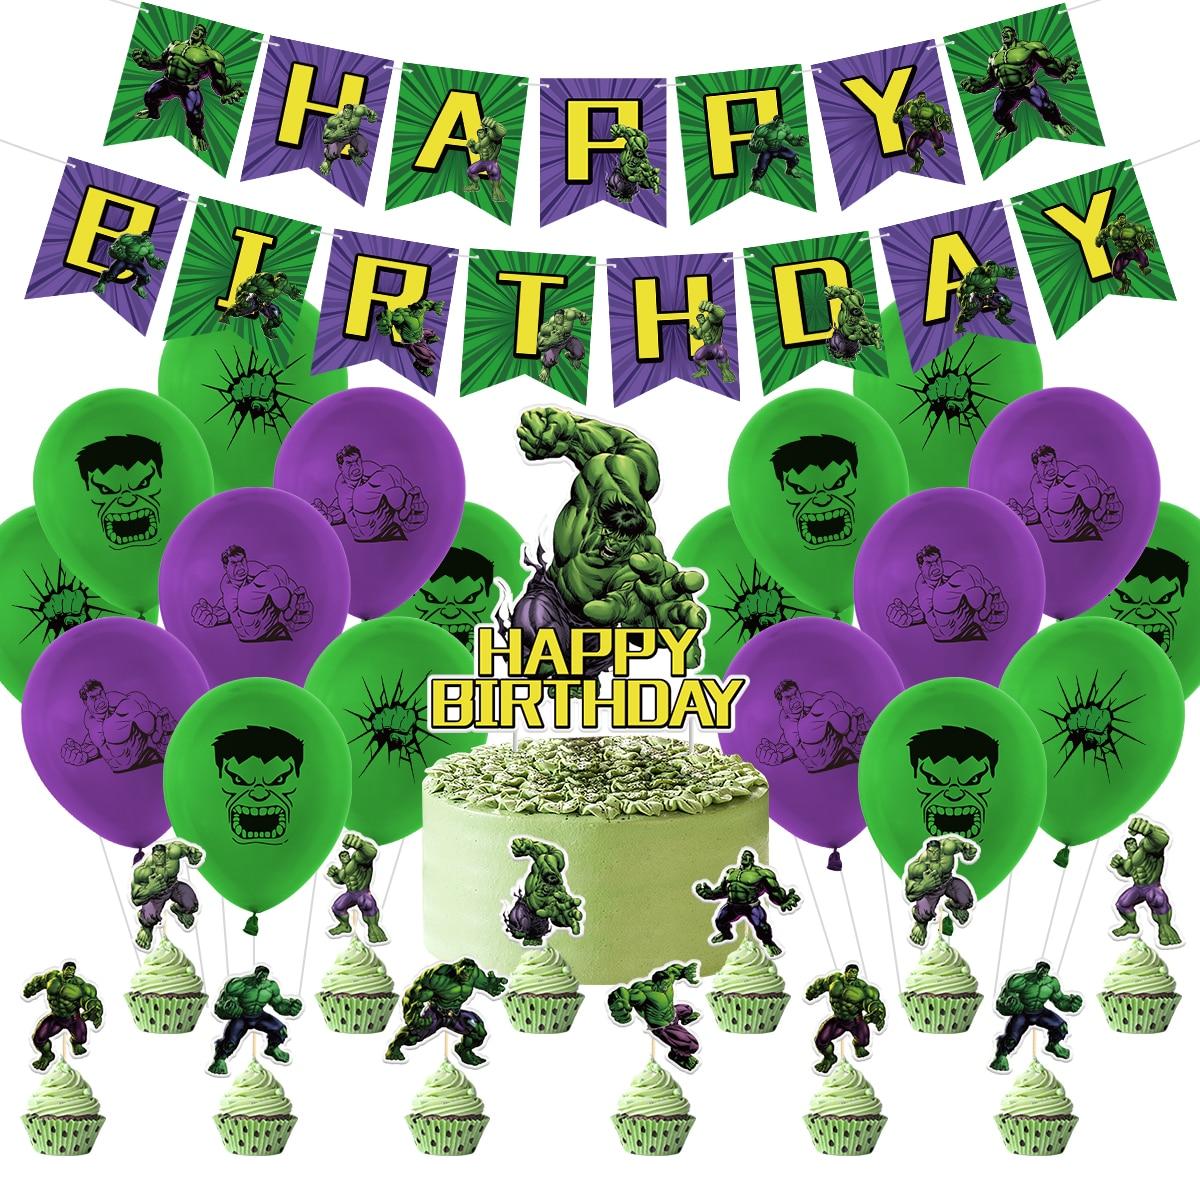 conjunto-de-globos-de-latex-de-superheroes-de-los-vengadores-conjunto-de-banderines-de-hulk-para-decoracion-de-fiesta-de-cumpleanos-de-ninos-globos-para-baby-shower-1set